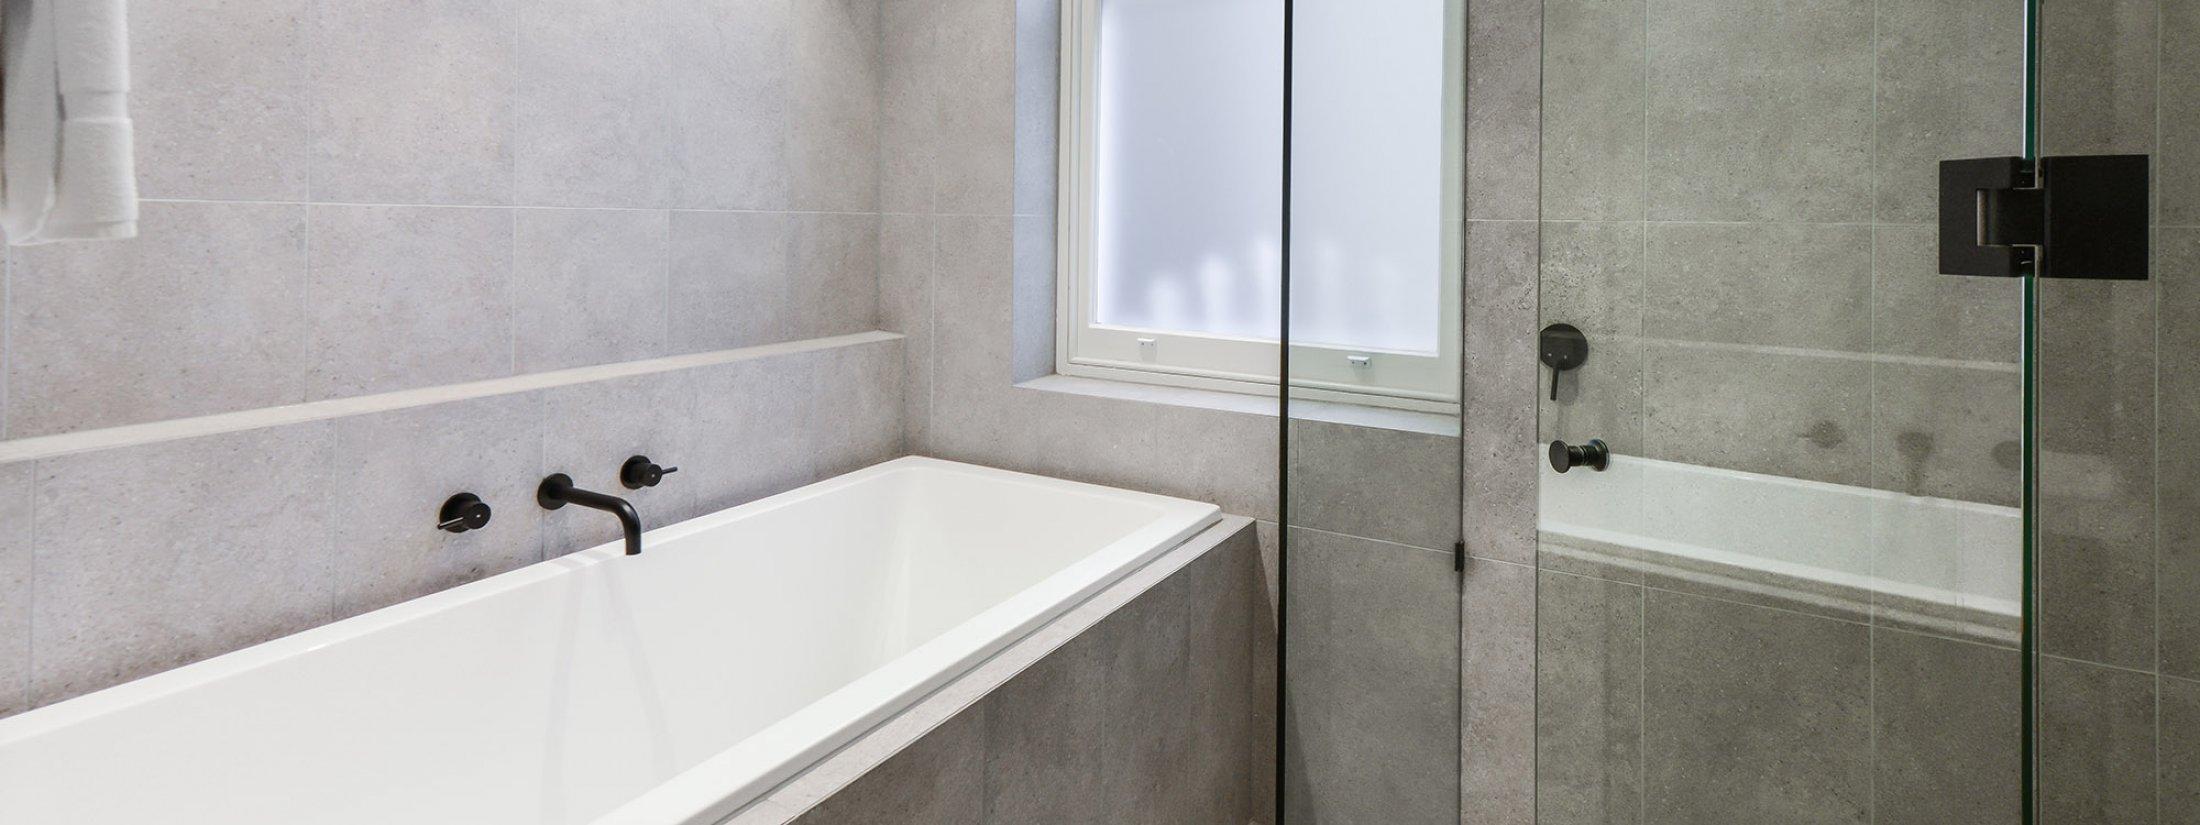 Gigis Place - South Melbourne - Bathroom b